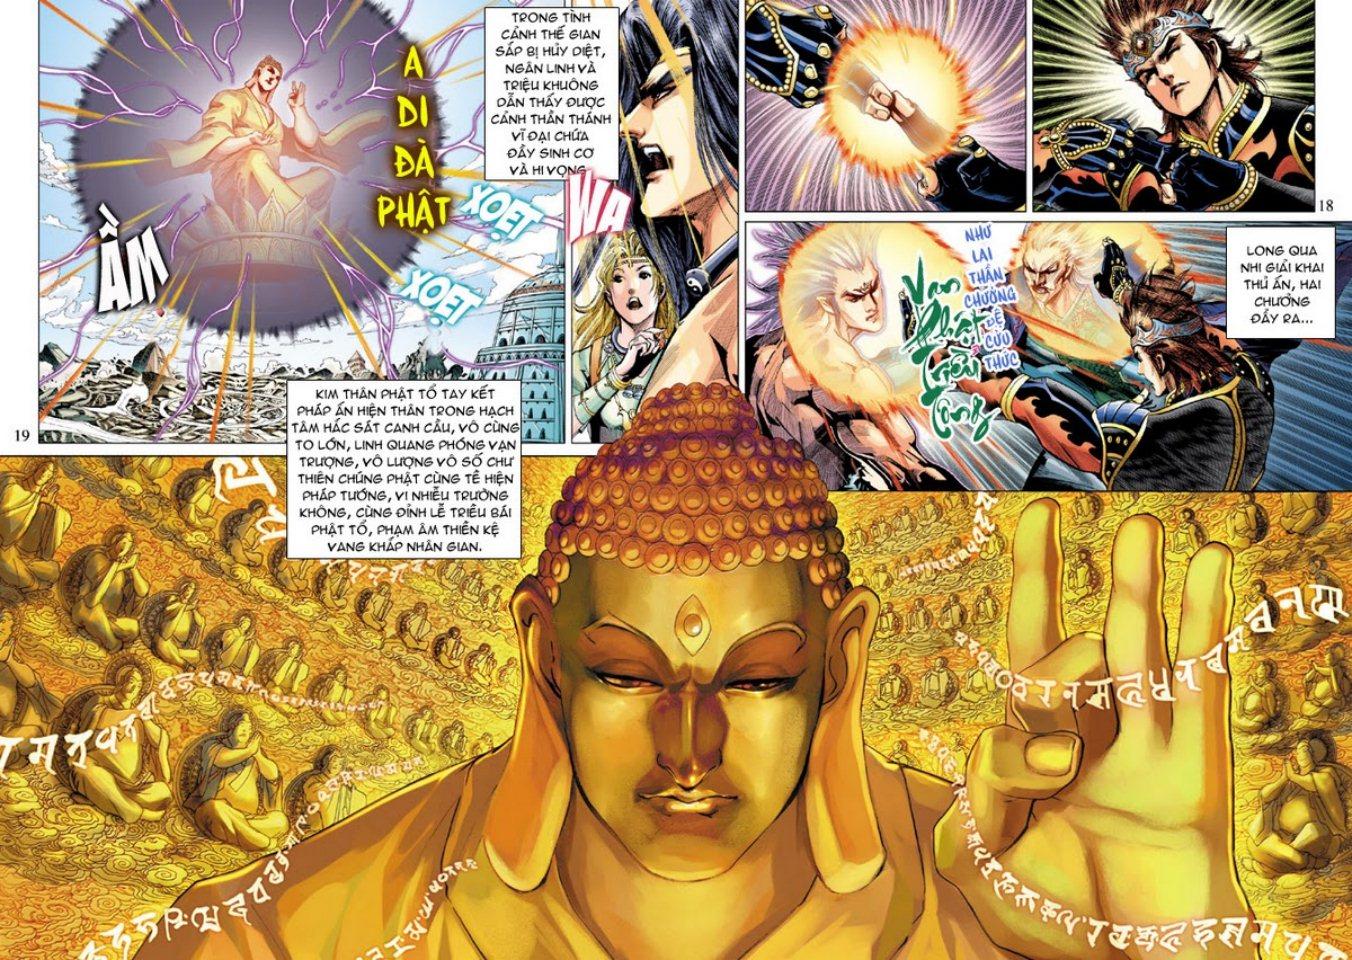 Thiên Tử Truyền Kỳ 5 – Như Lai Thần Chưởng chap 214 – End Trang 18 - Mangak.info